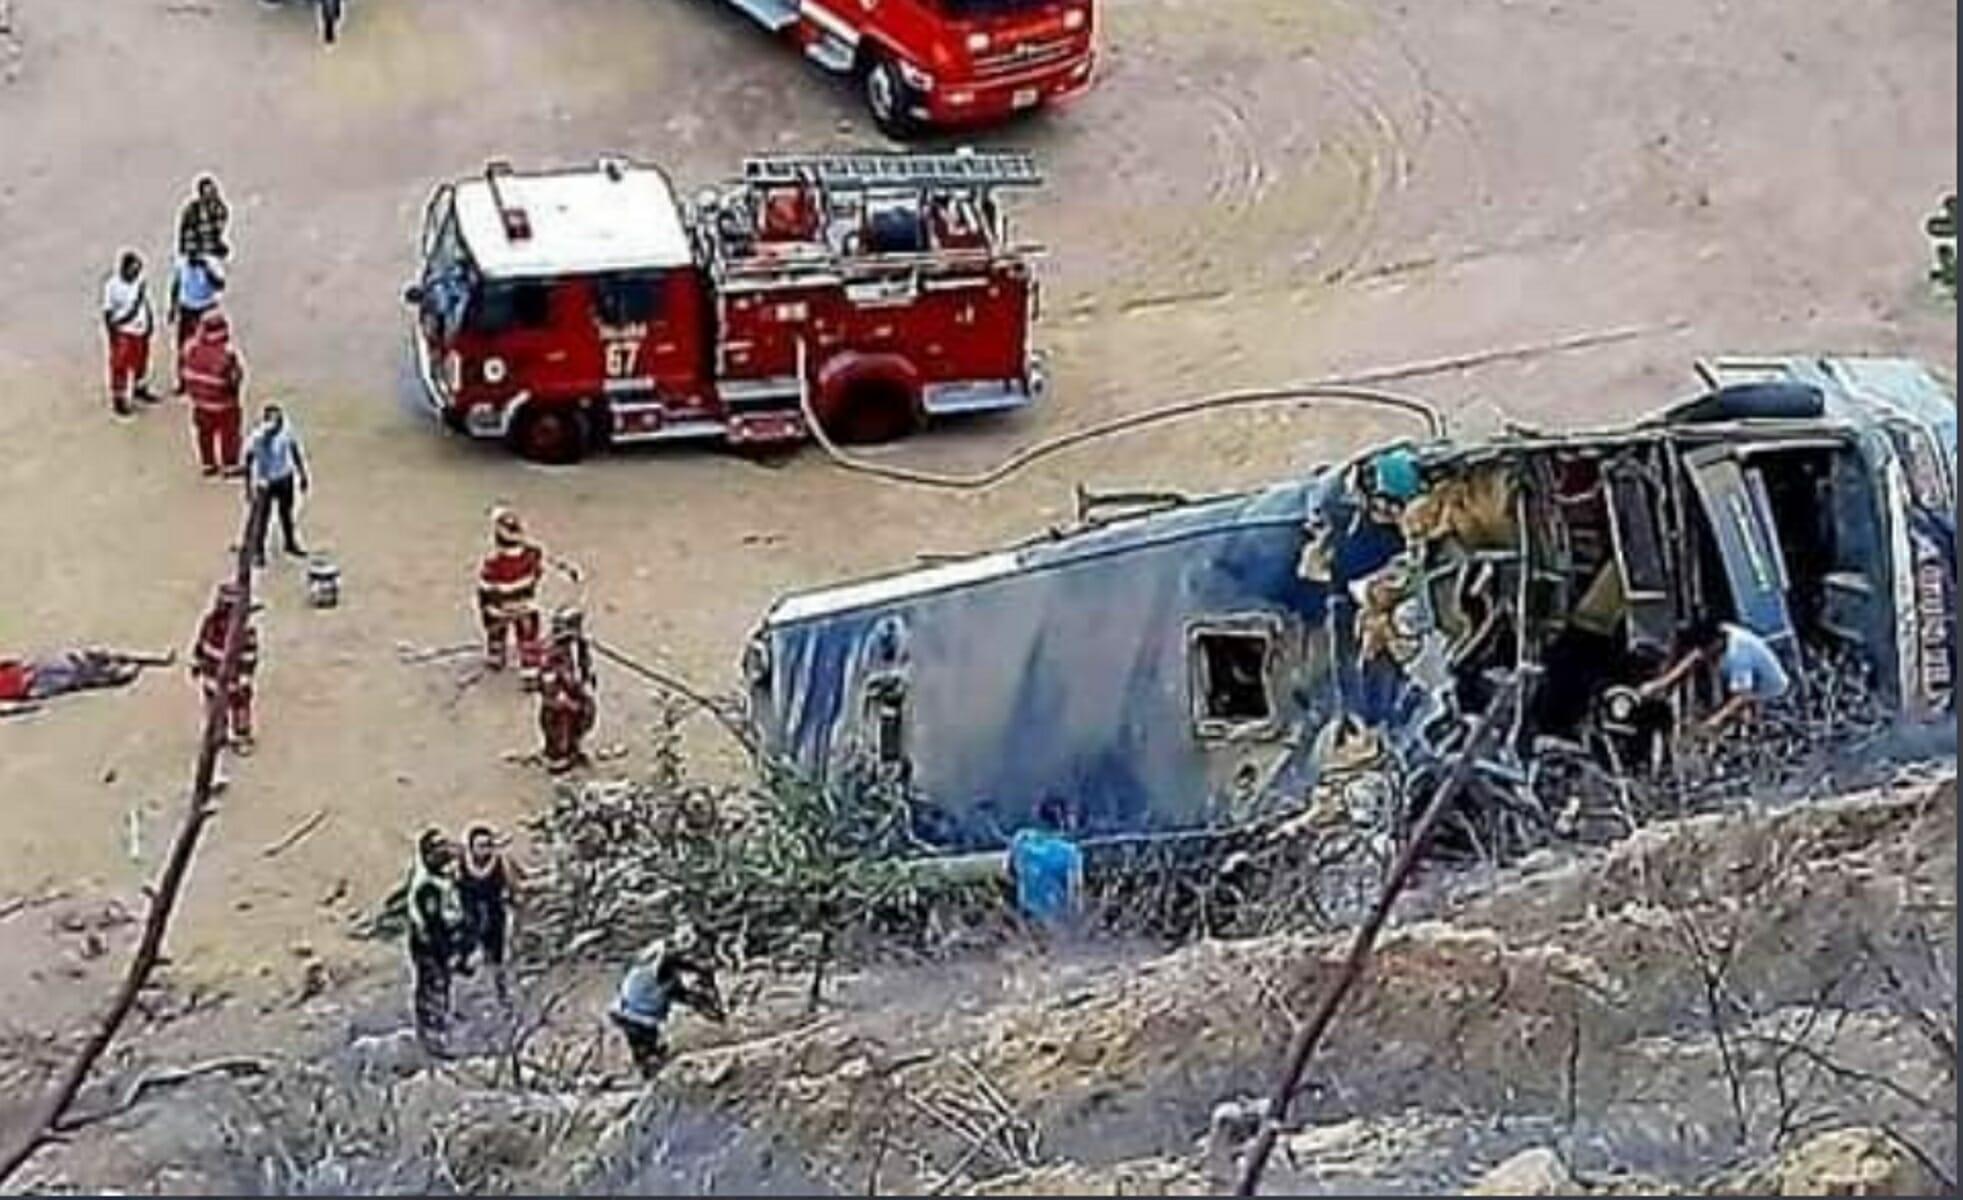 Τραγωδία με οκτώ νεκρούς φιλάθλους στο Περού! Σε χαράδρα το λεωφορείο τους (video)